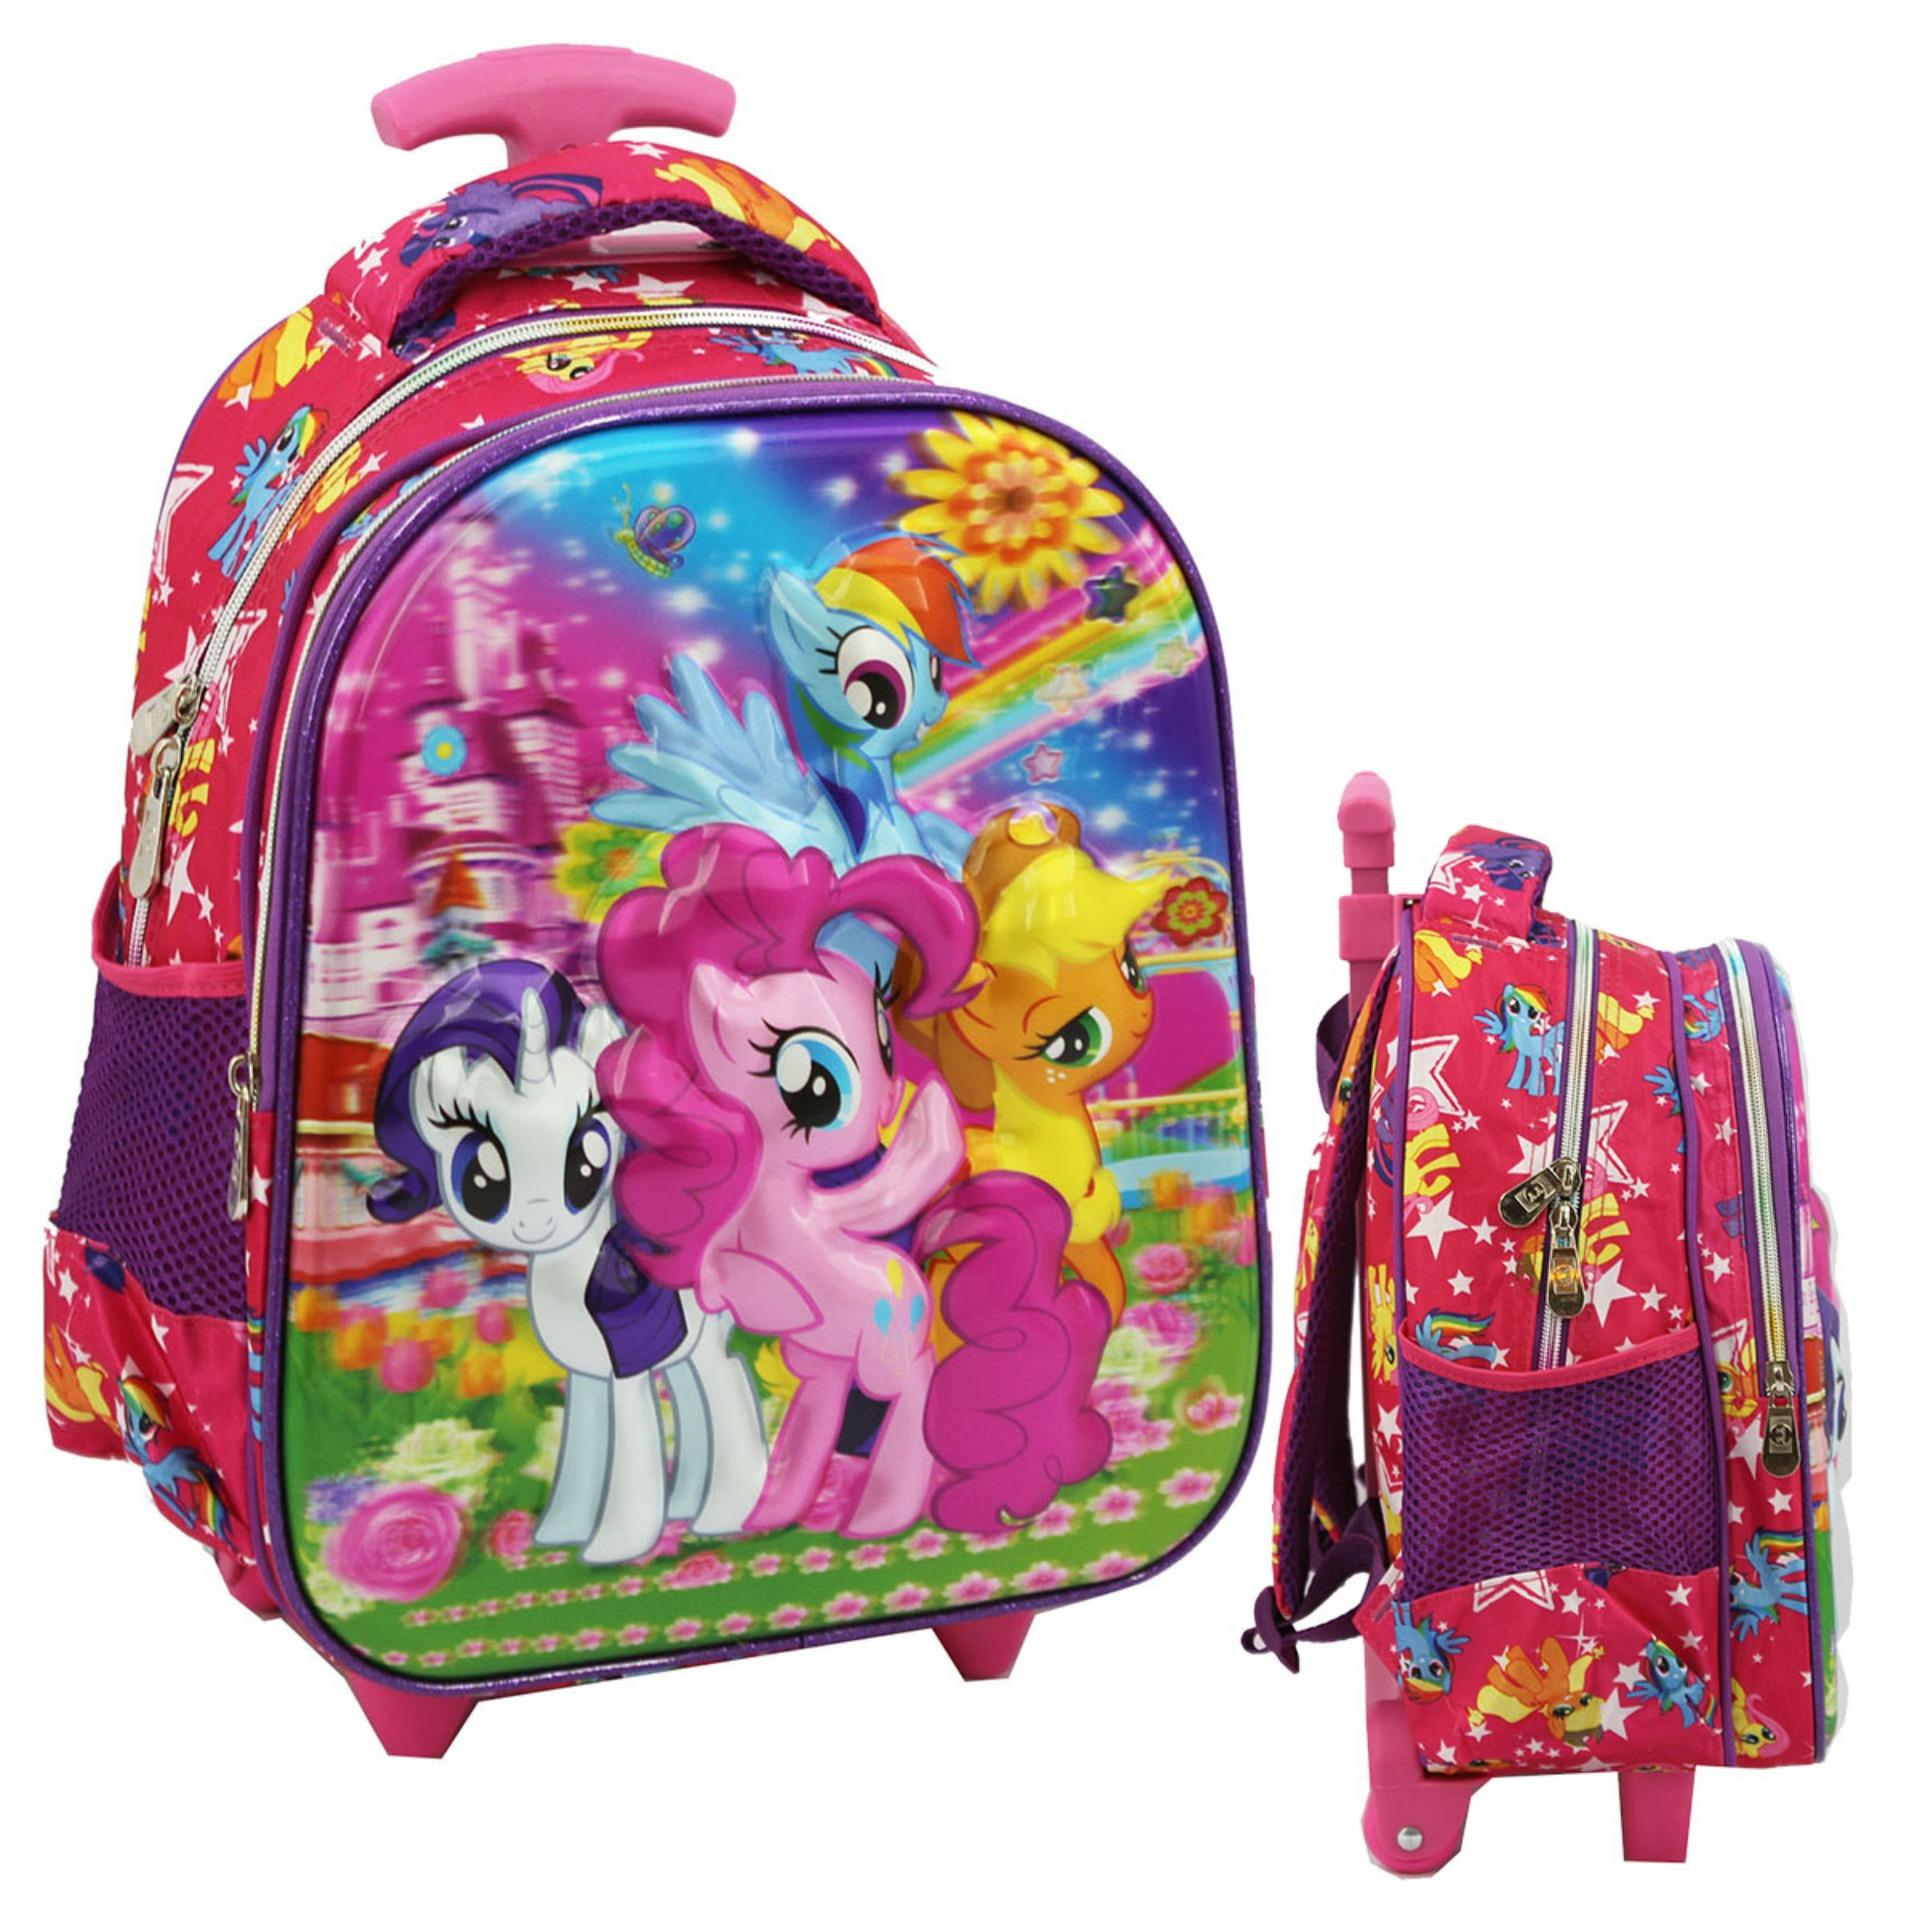 Harga Onlan My Little Pony 5D Timbul Hologram Trolley Anak Sekolah Tk Ungu Asli